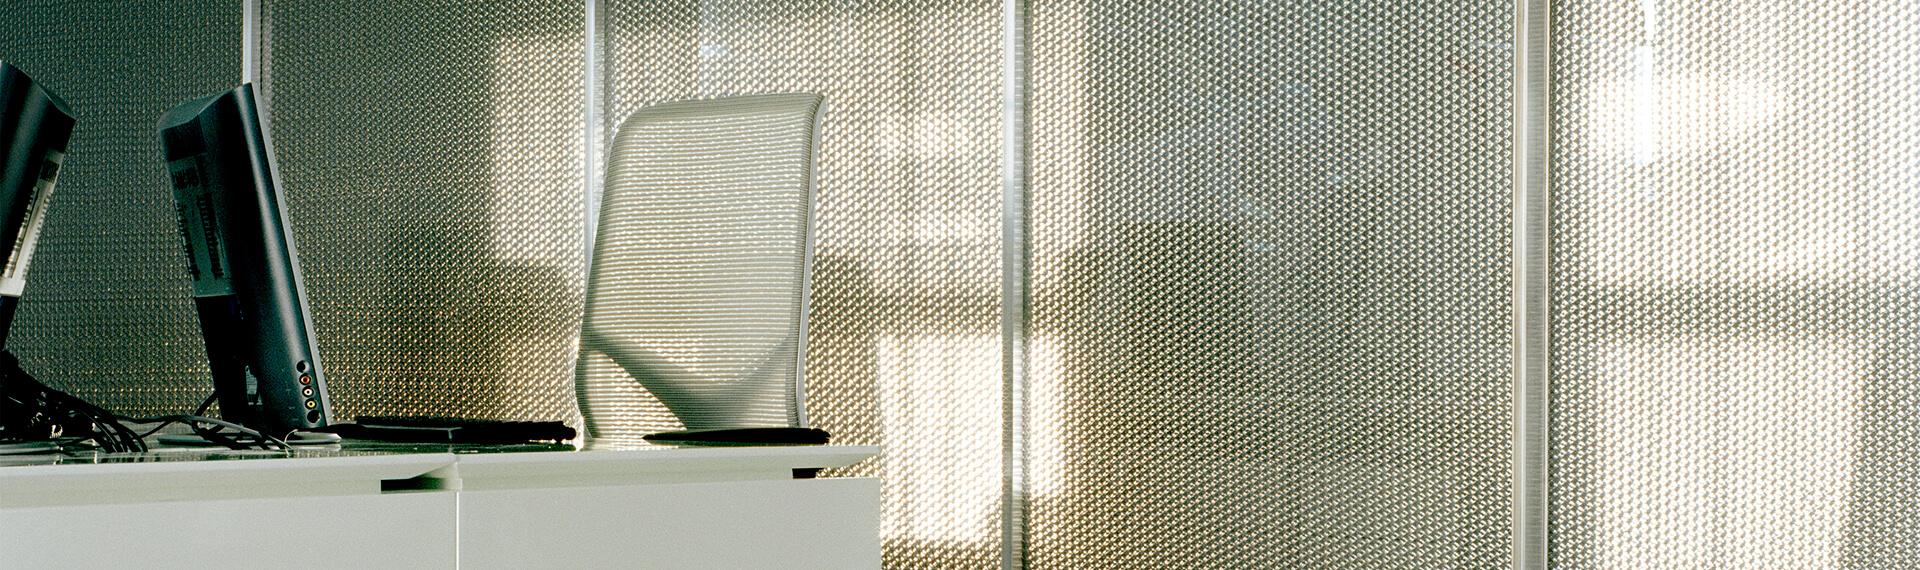 Aluminium honeycomb composite materials header